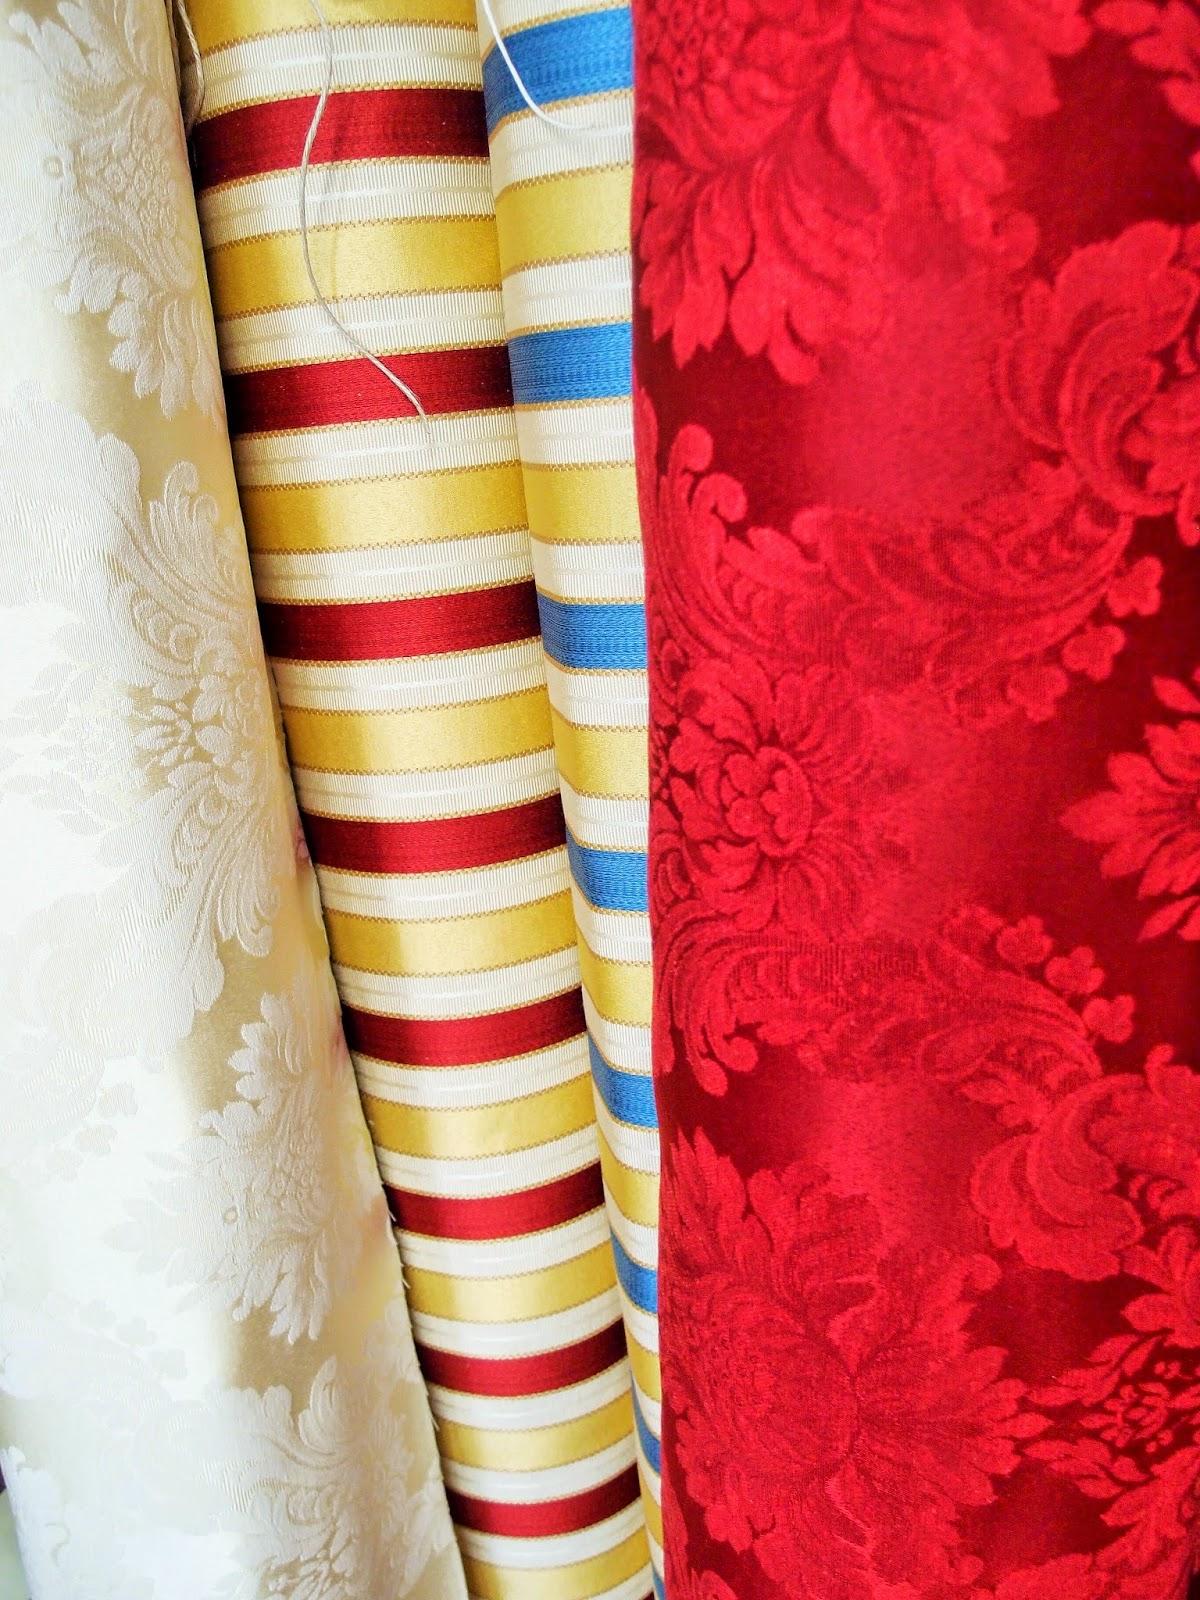 Trova una vasta selezione di sedie classiche a prezzi vantaggiosi su ebay. I Classici Tessuti Per Tappezzare Mobili Antichi Antichita Bellini